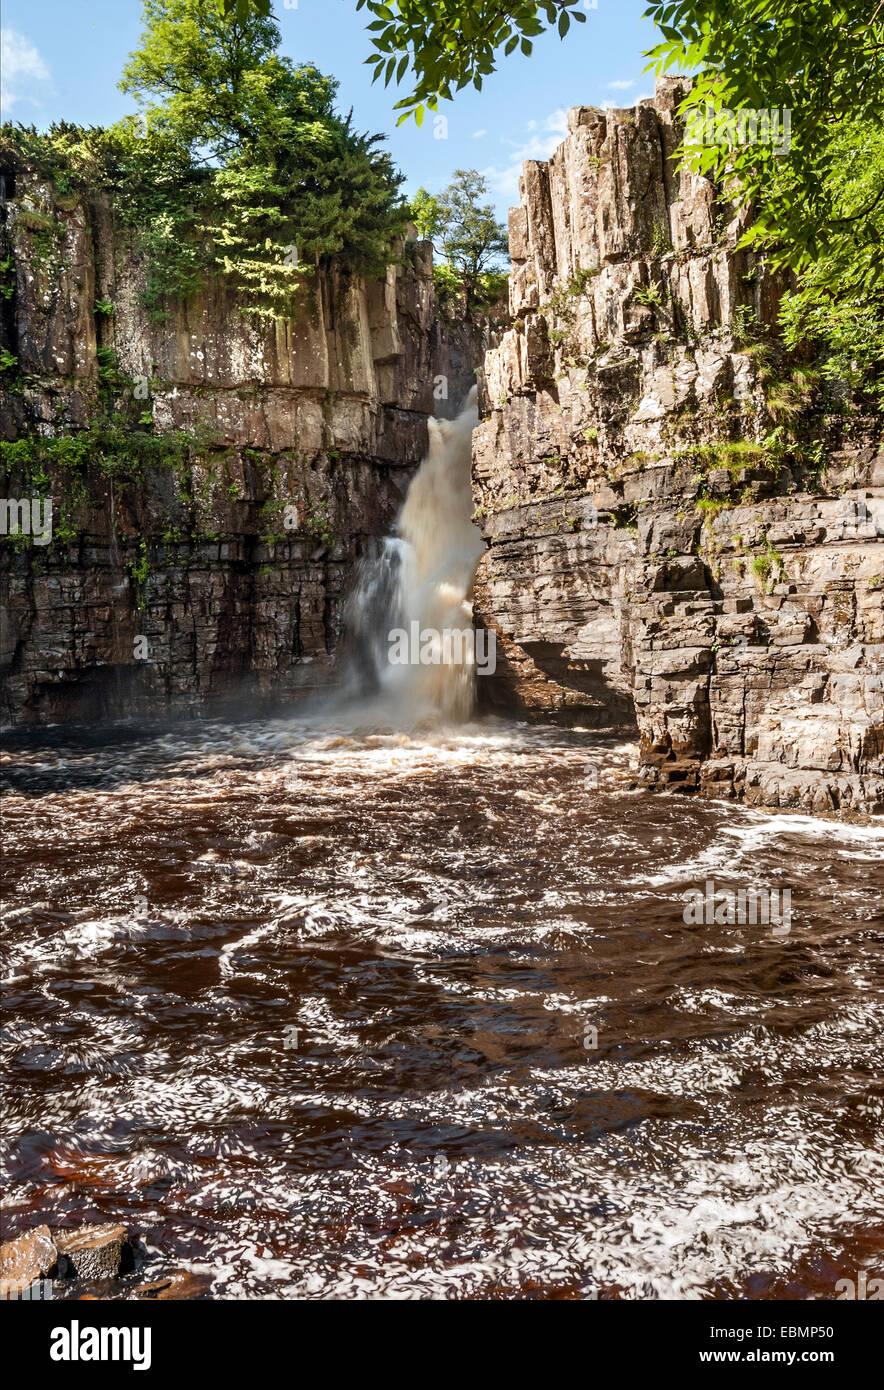 Force élevée, l'un des célèbre cascade Englands en Forêt-in-Teesdale, Nord de l'Angleterre Photo Stock